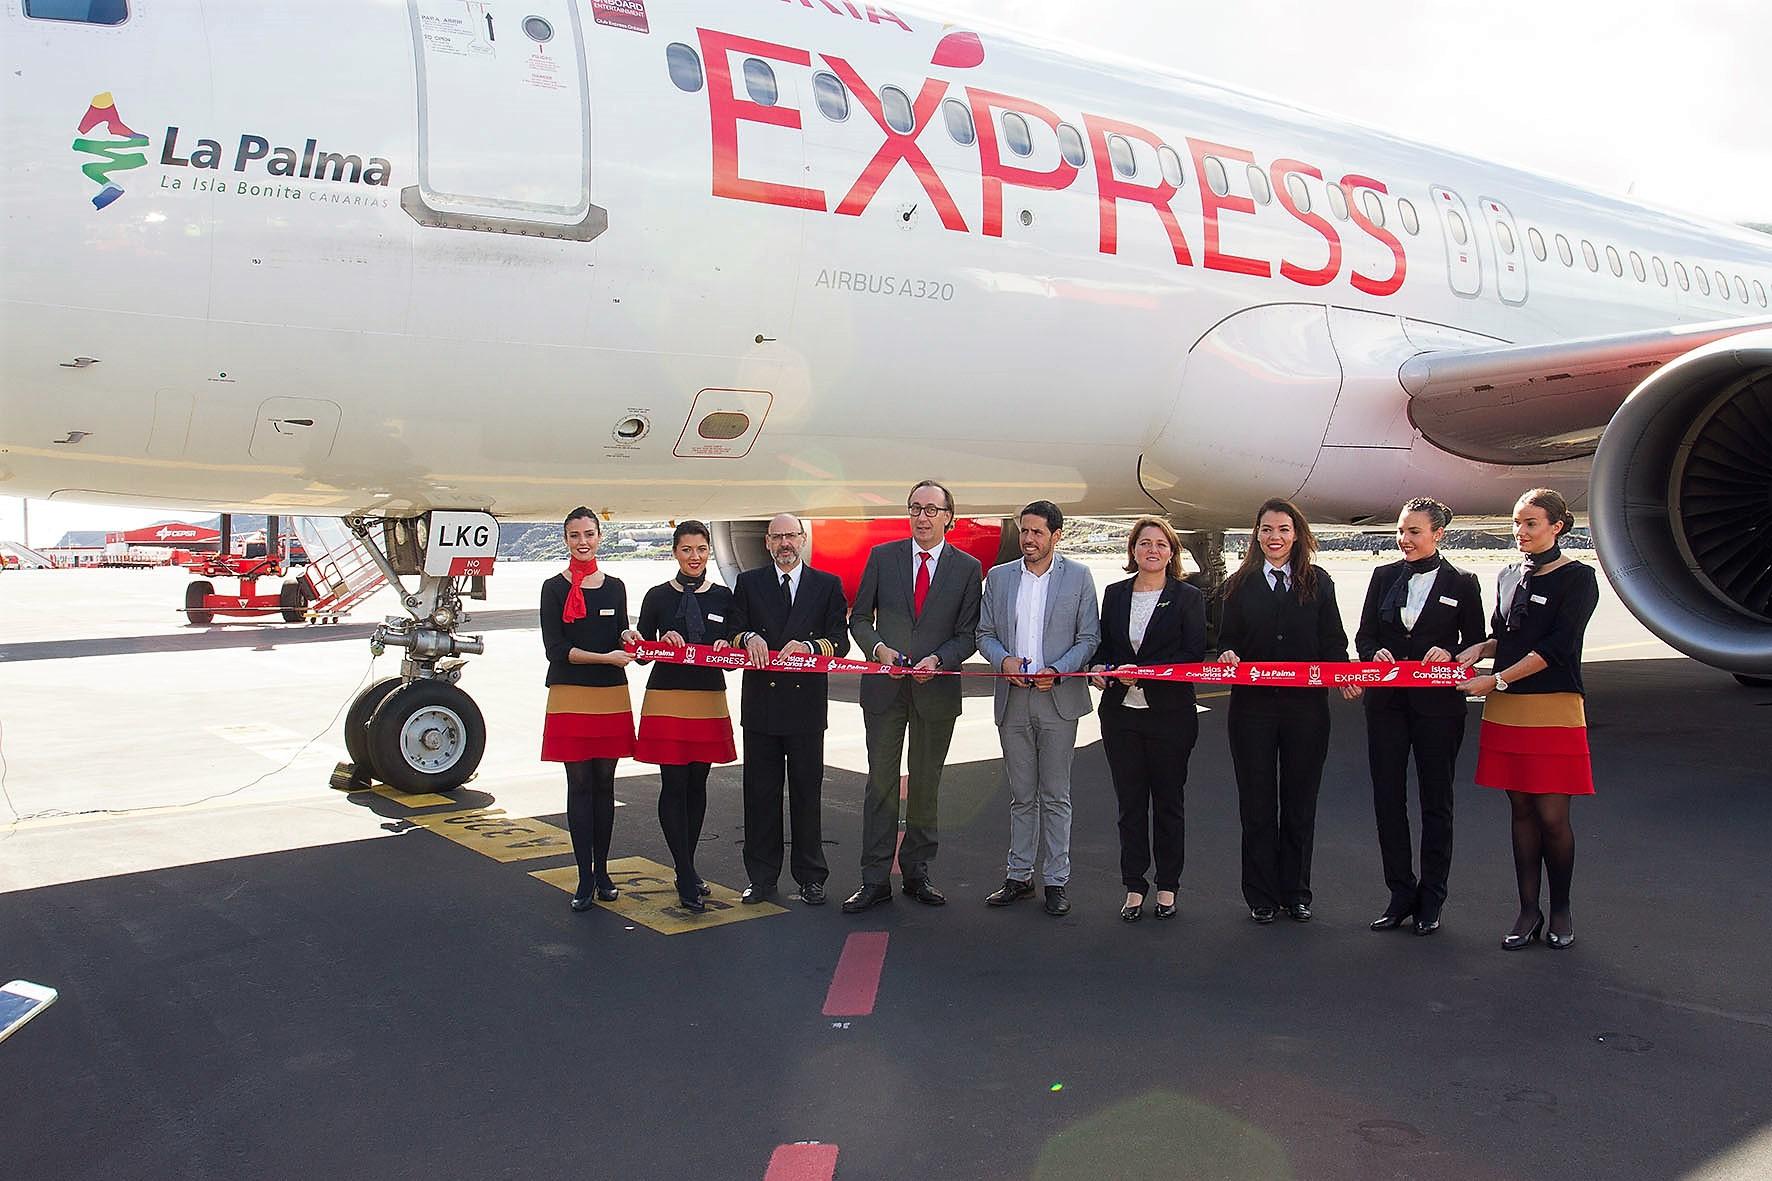 Resultado de imagen de Iberia Express bautiza uno de sus aviones A320 con el nombre de La Palma